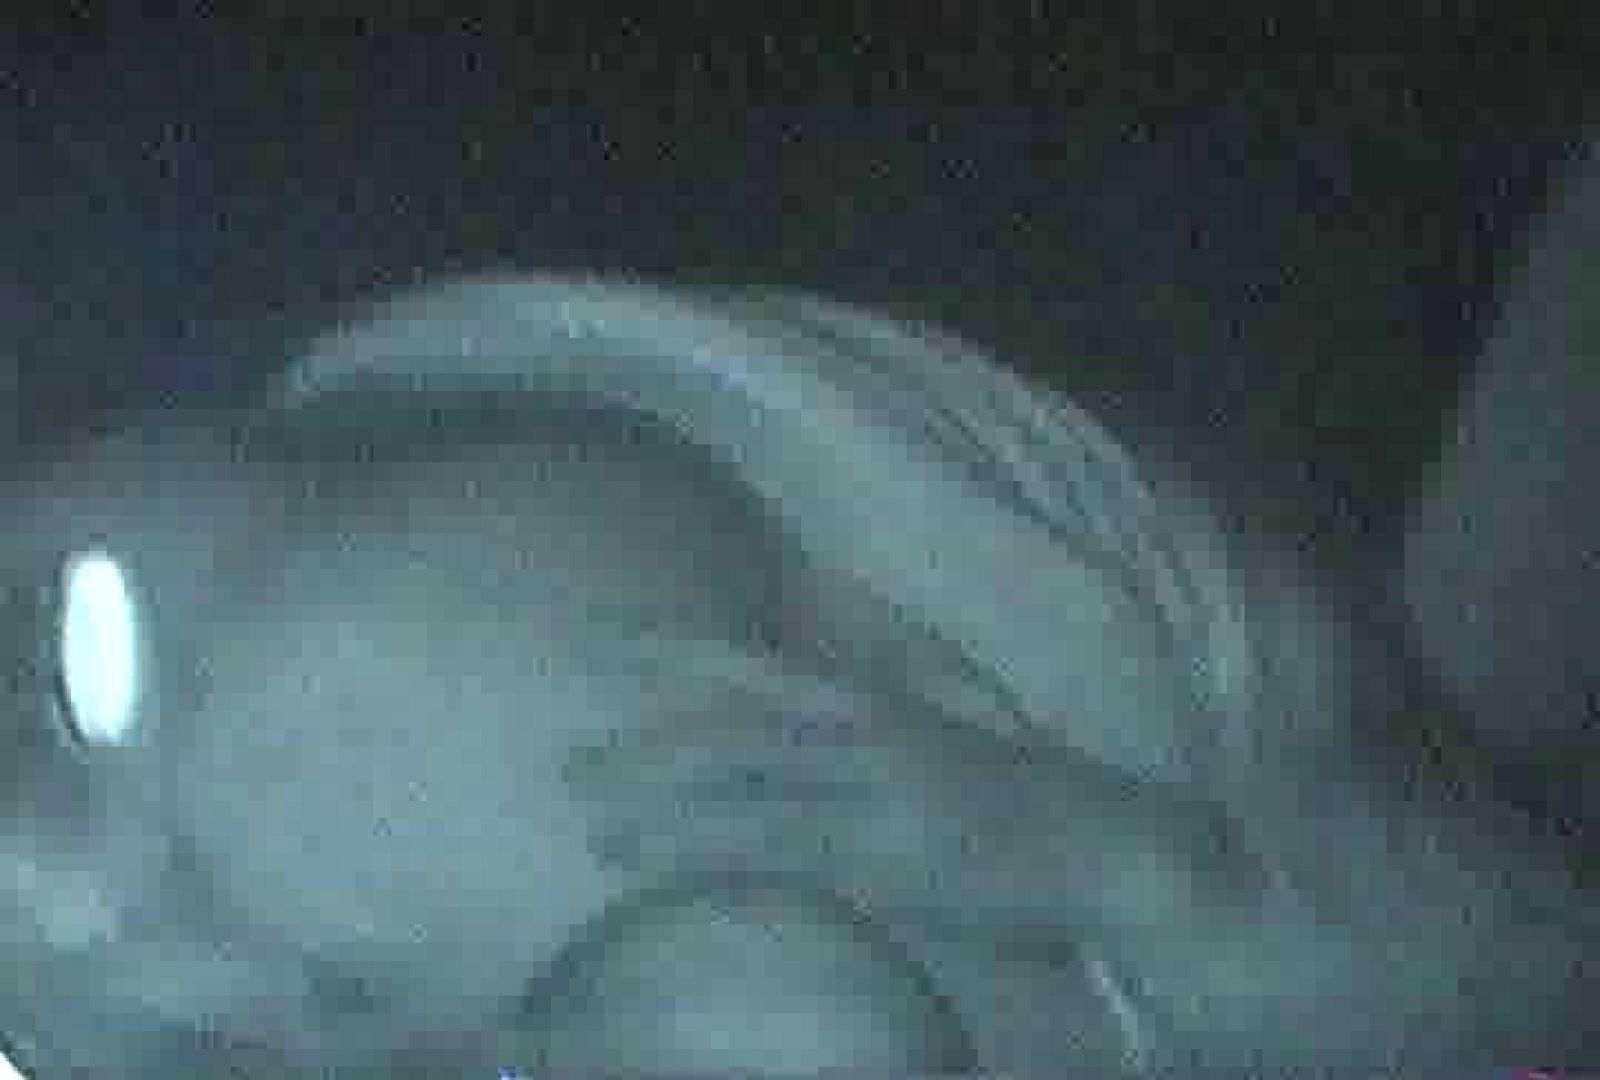 充血監督の深夜の運動会Vol.48 セックス SEX無修正画像 95pic 39